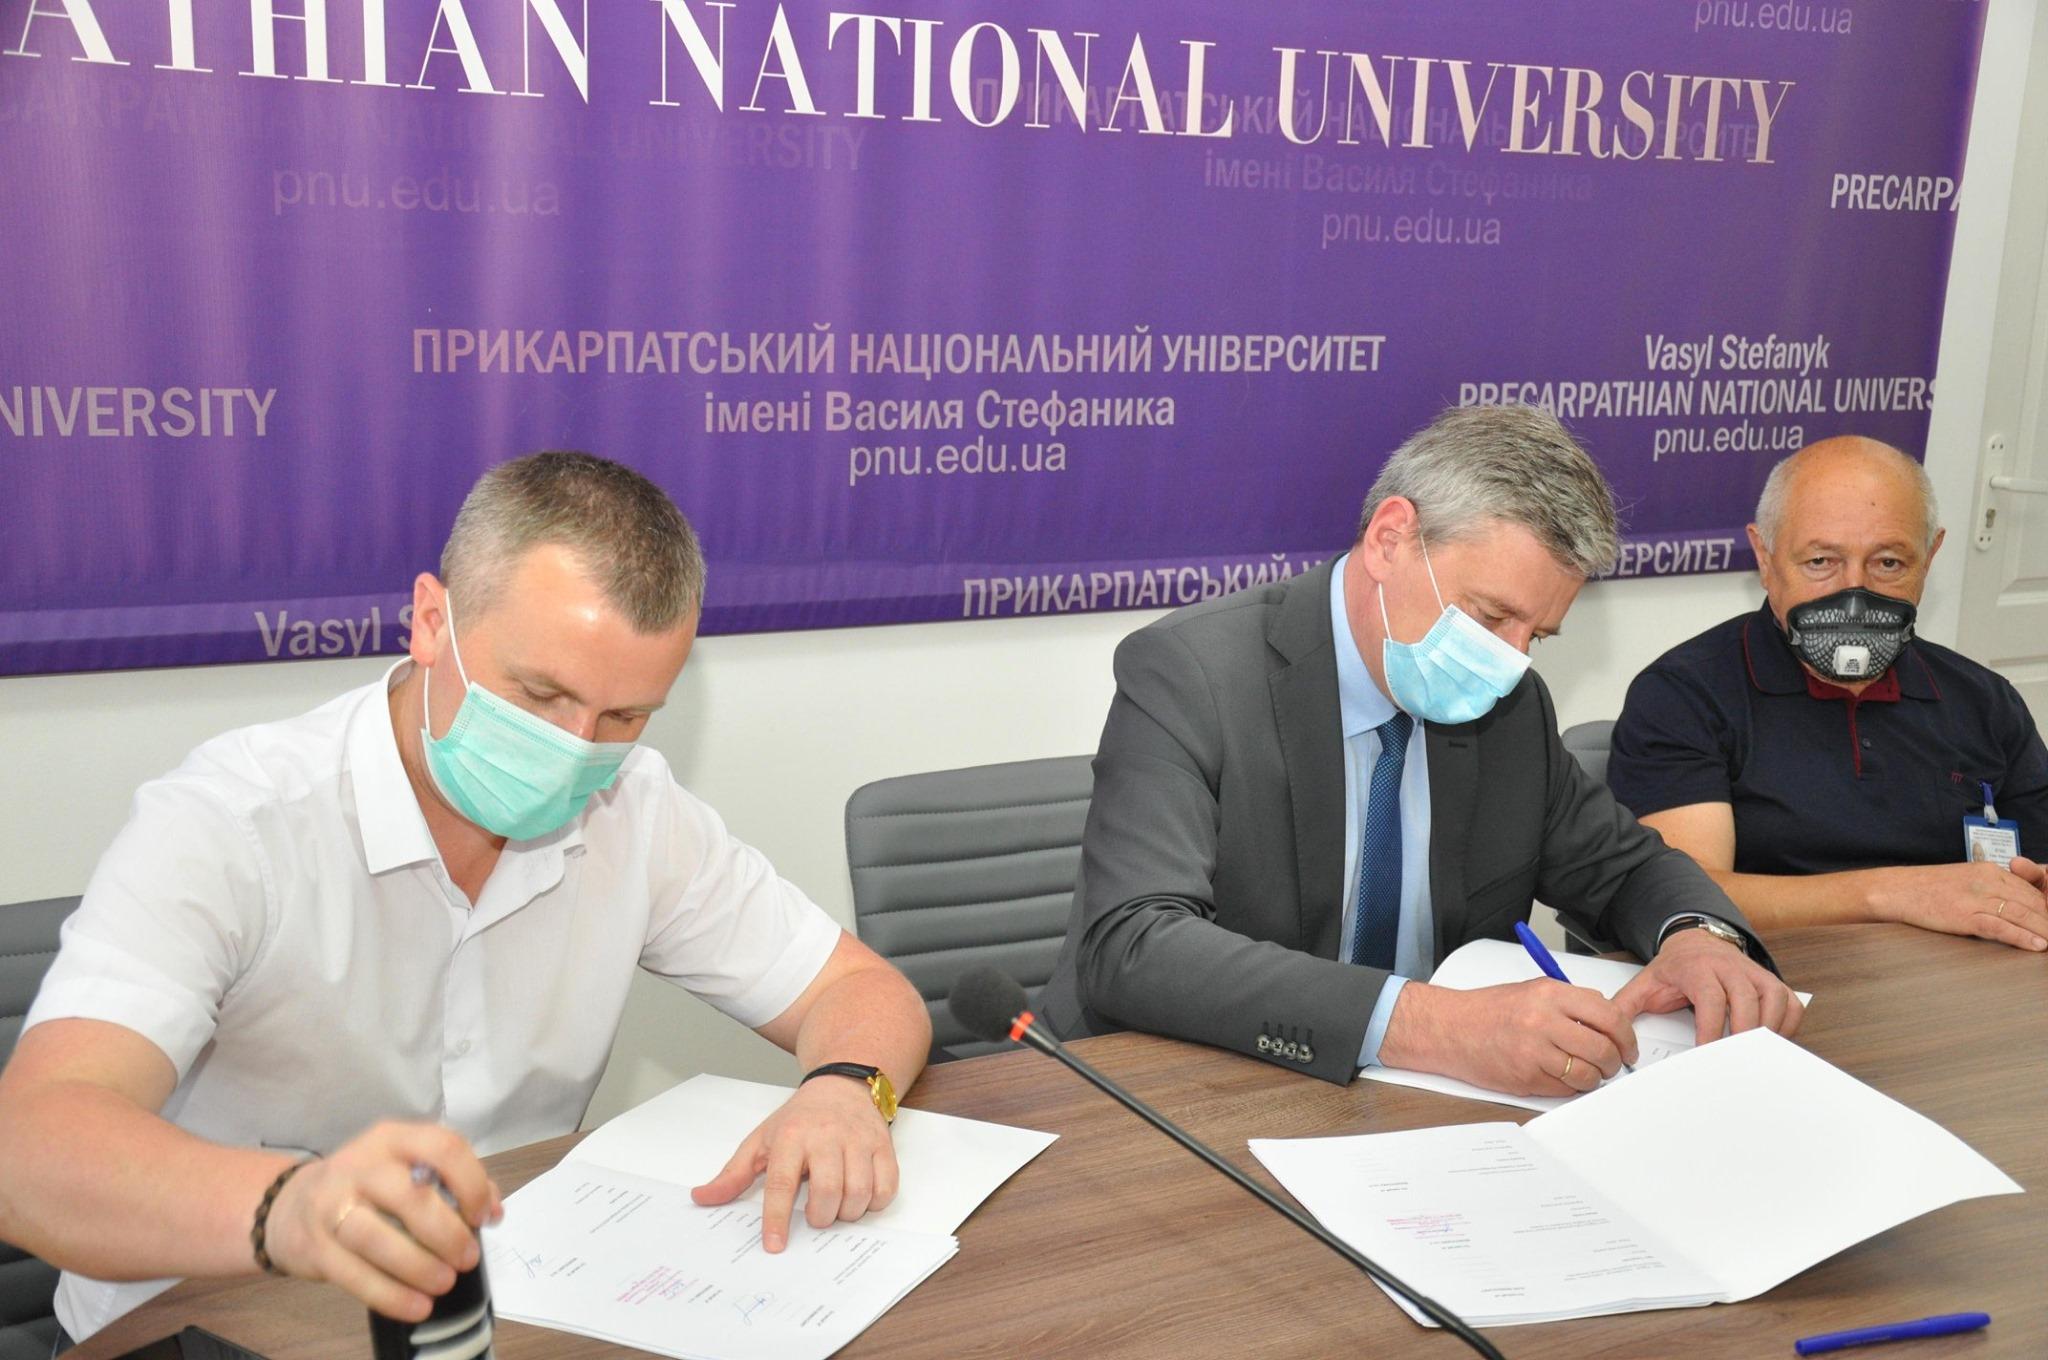 Bідбулося підписання Партнерської угоди між Прикарпатським ...